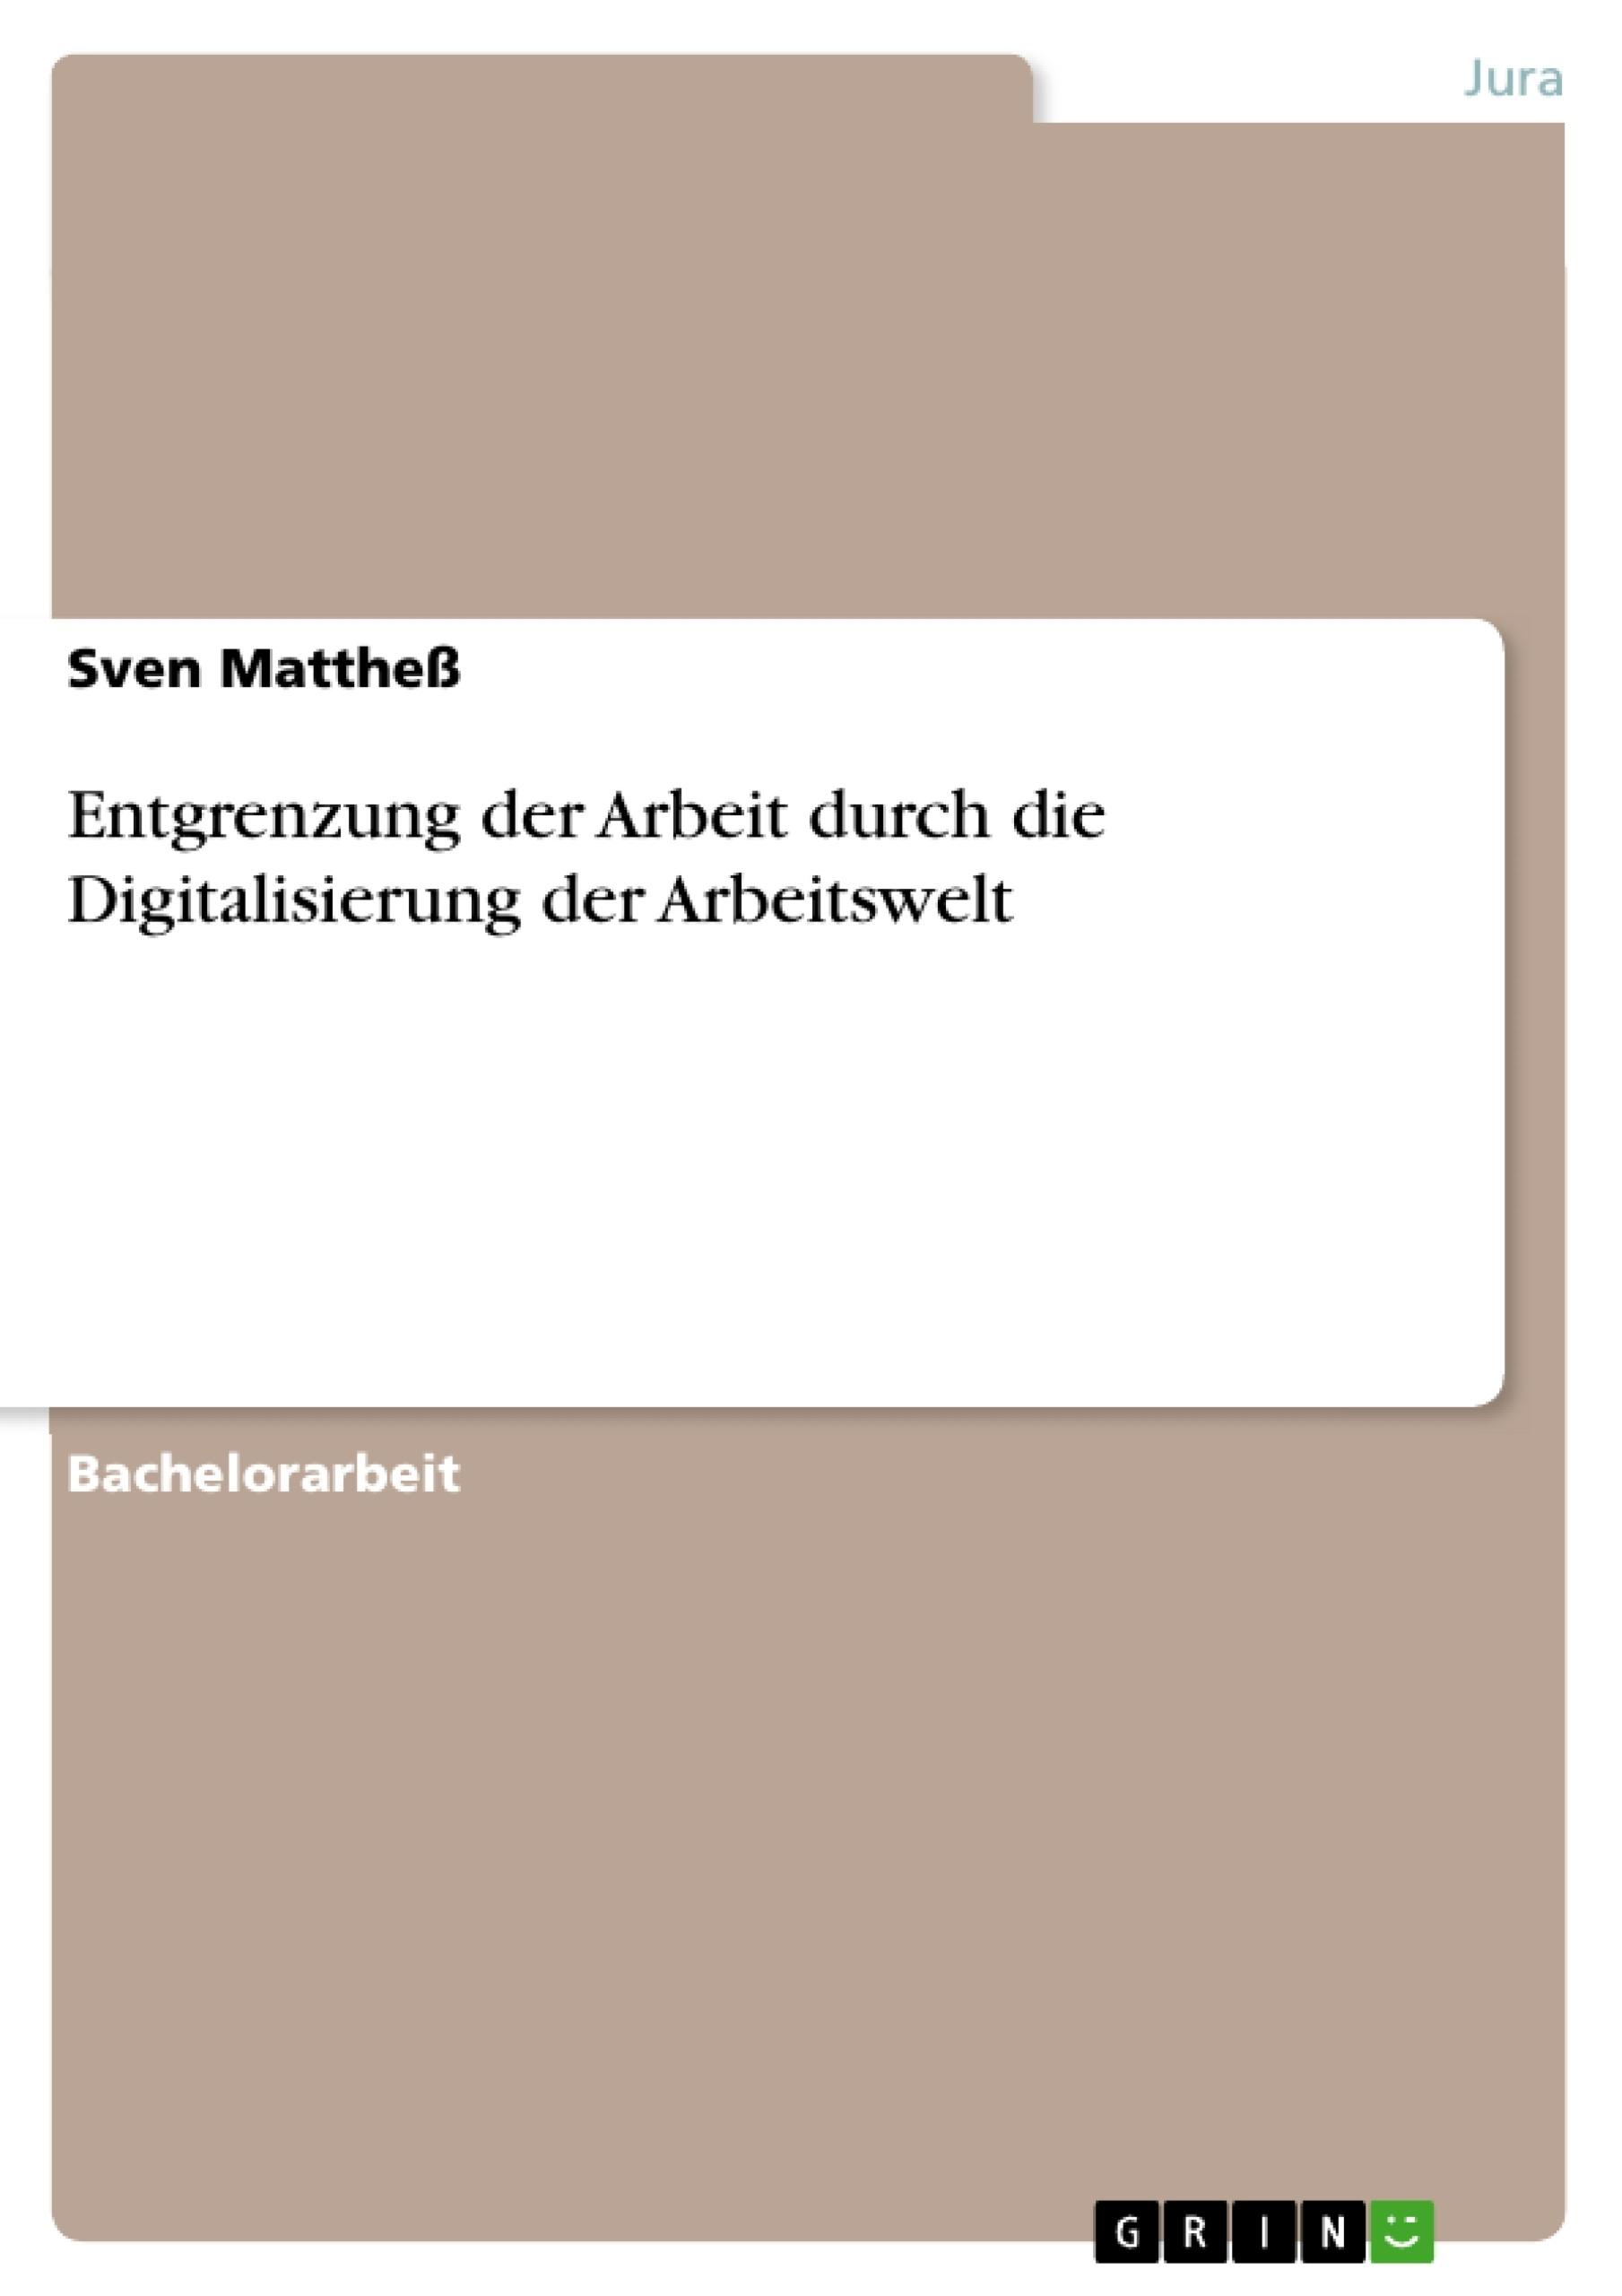 Titel: Entgrenzung der Arbeit durch die Digitalisierung der Arbeitswelt